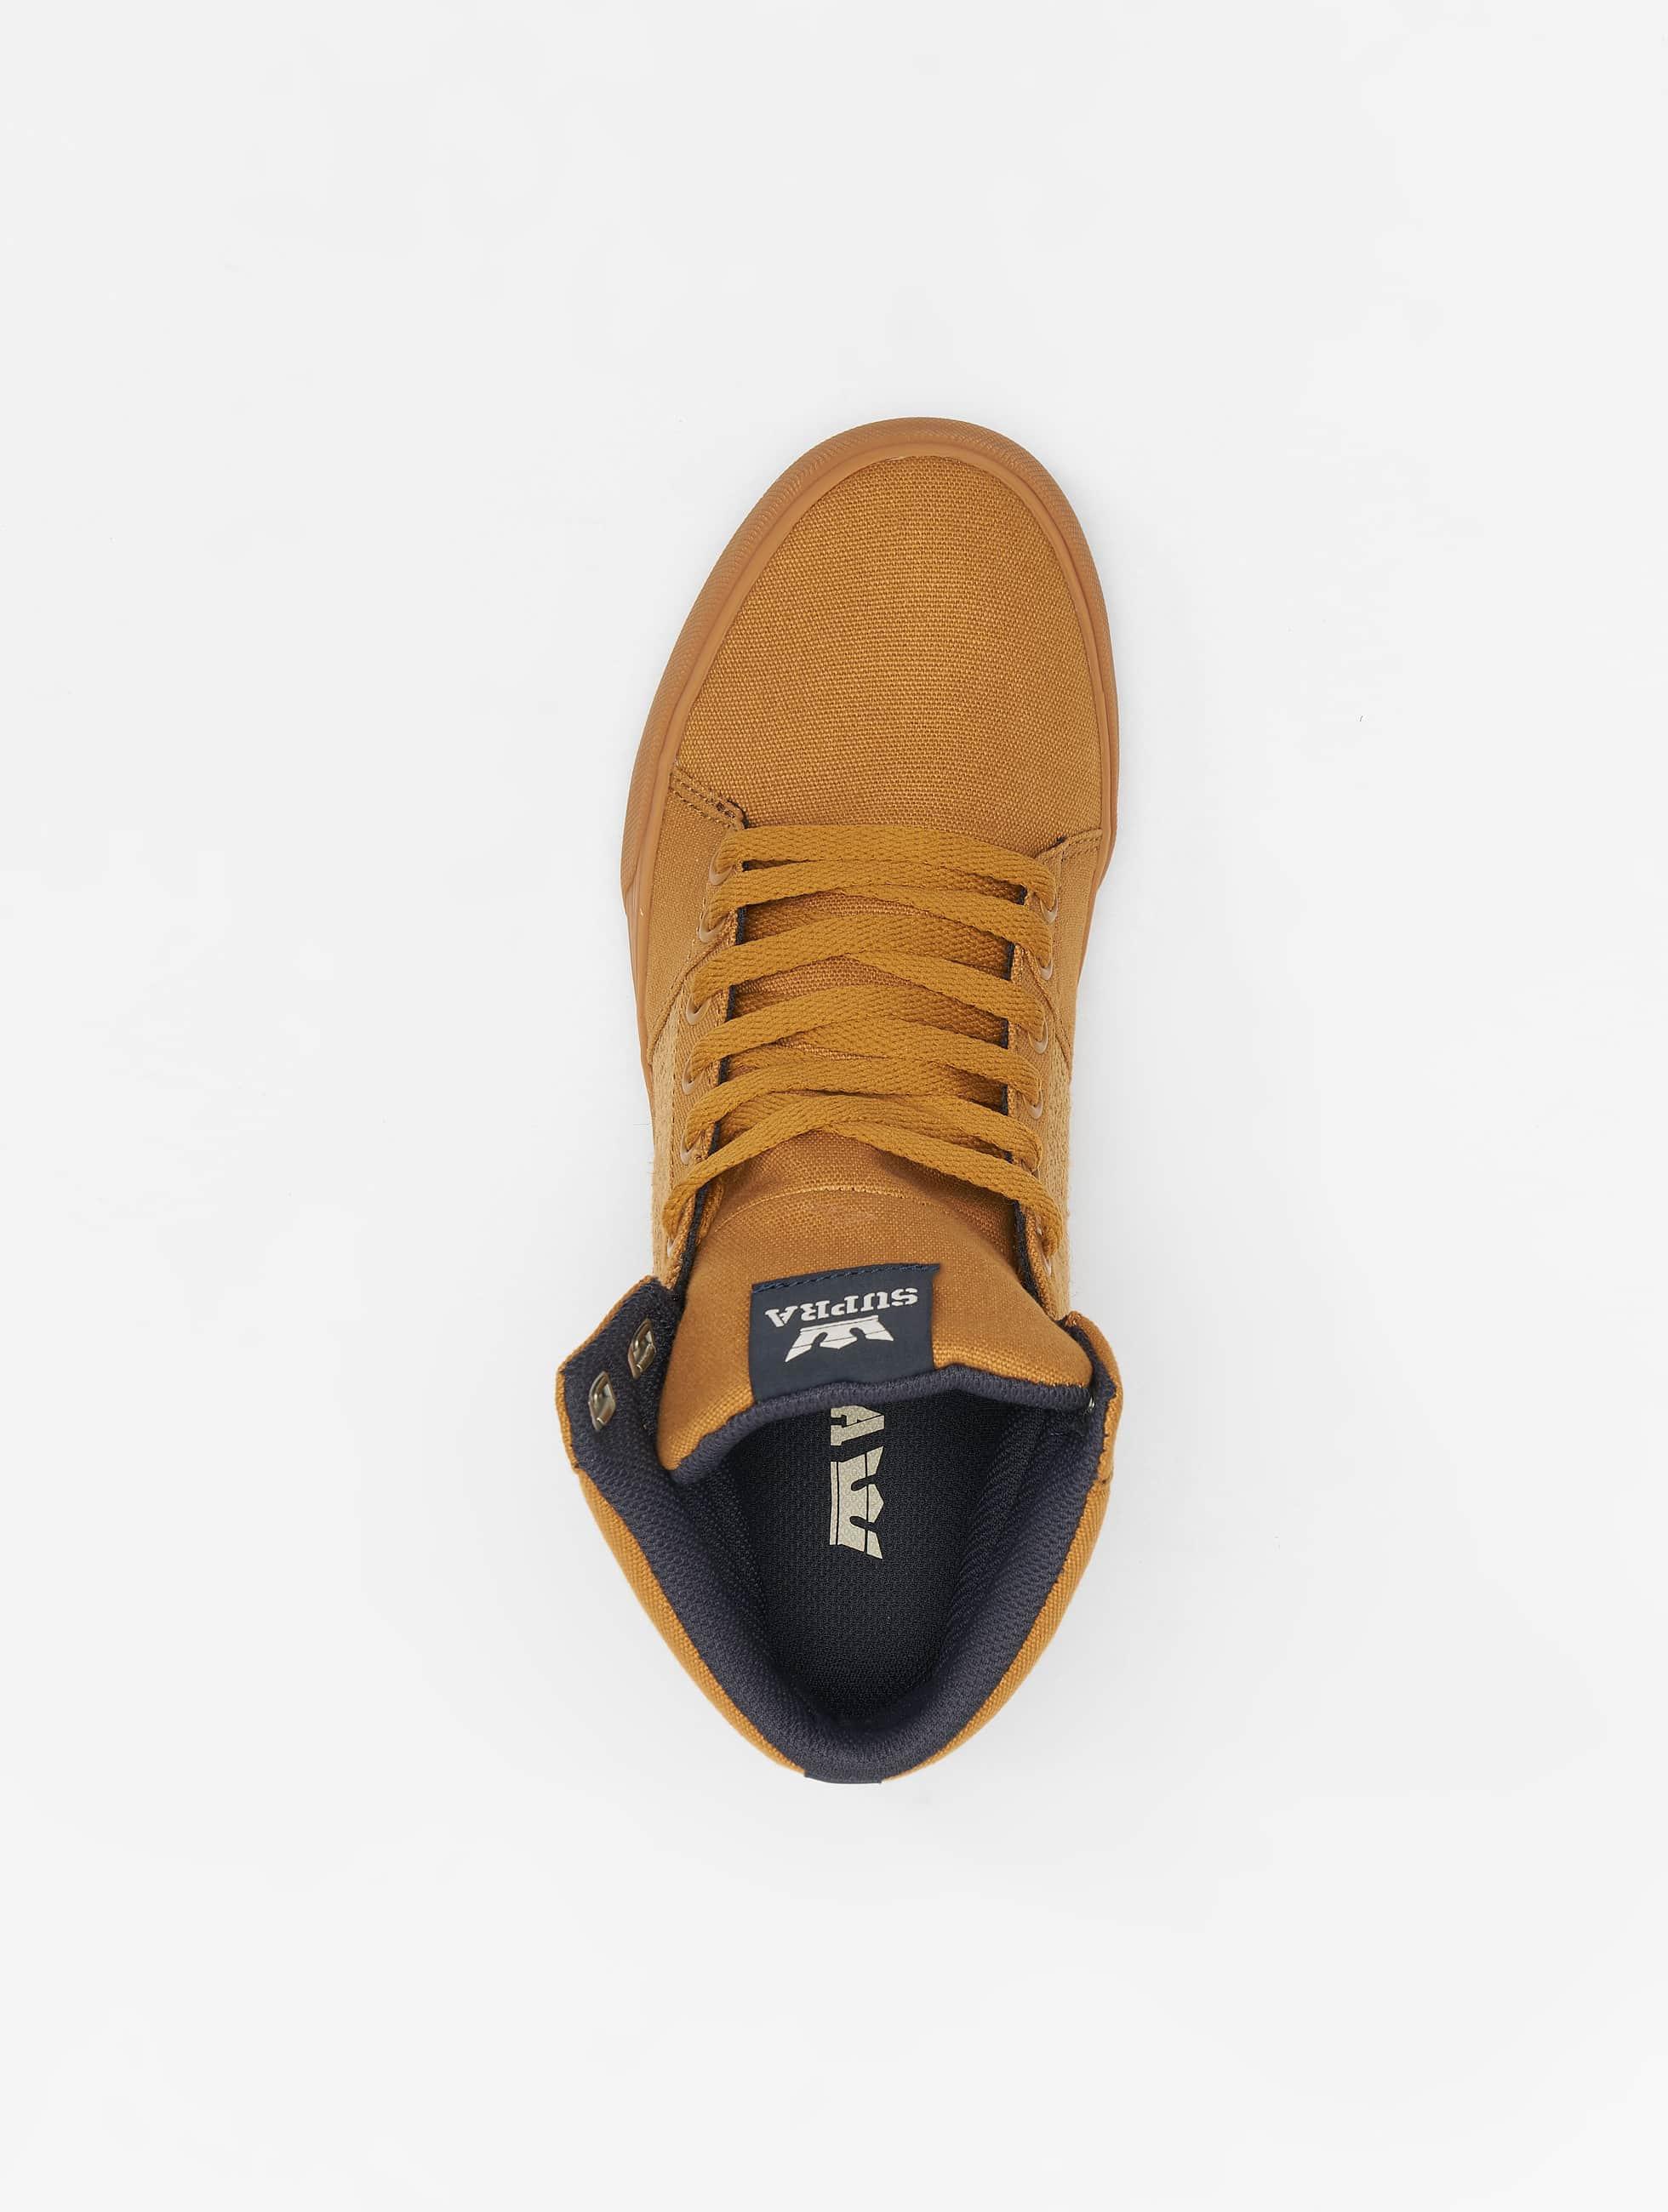 Supra Herren Sneaker  Schuhe  Sneaker  Sneaker Herren Aluminum 11cc0c ... 3d4a13